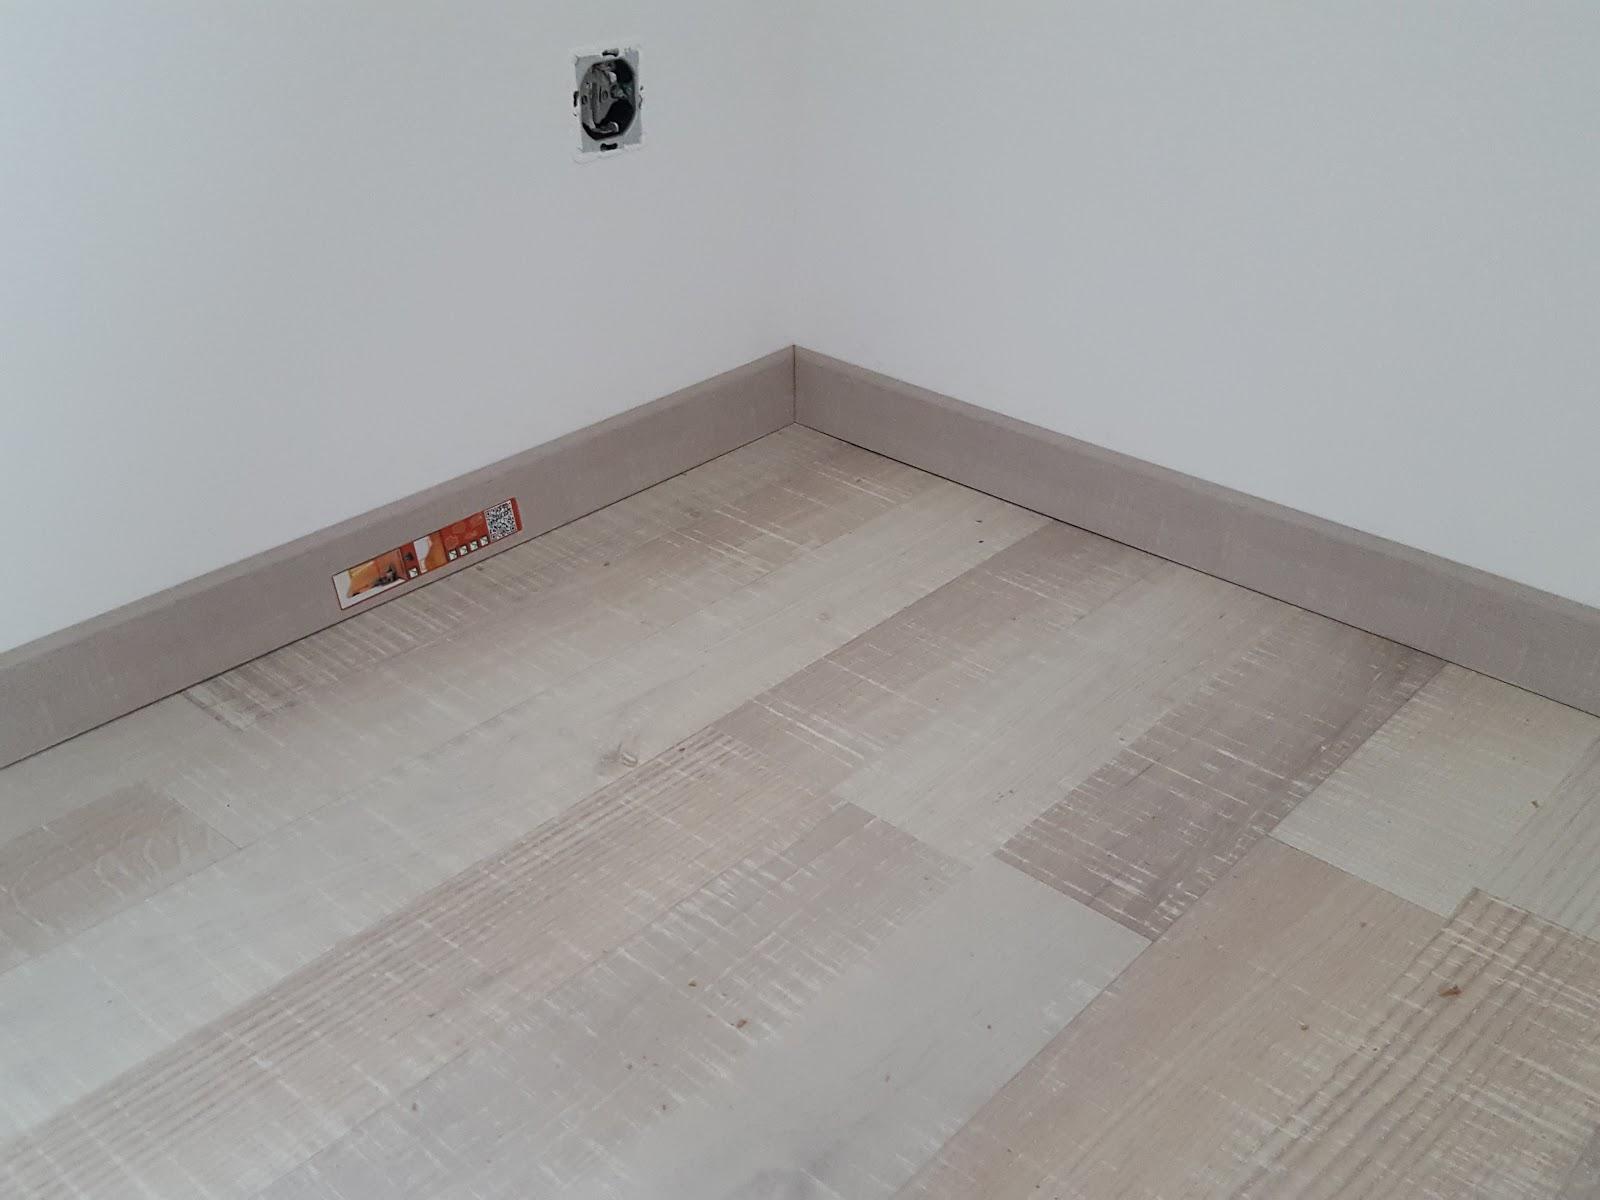 hausbau nickern blog tag 144 lieferung bodenbelag. Black Bedroom Furniture Sets. Home Design Ideas